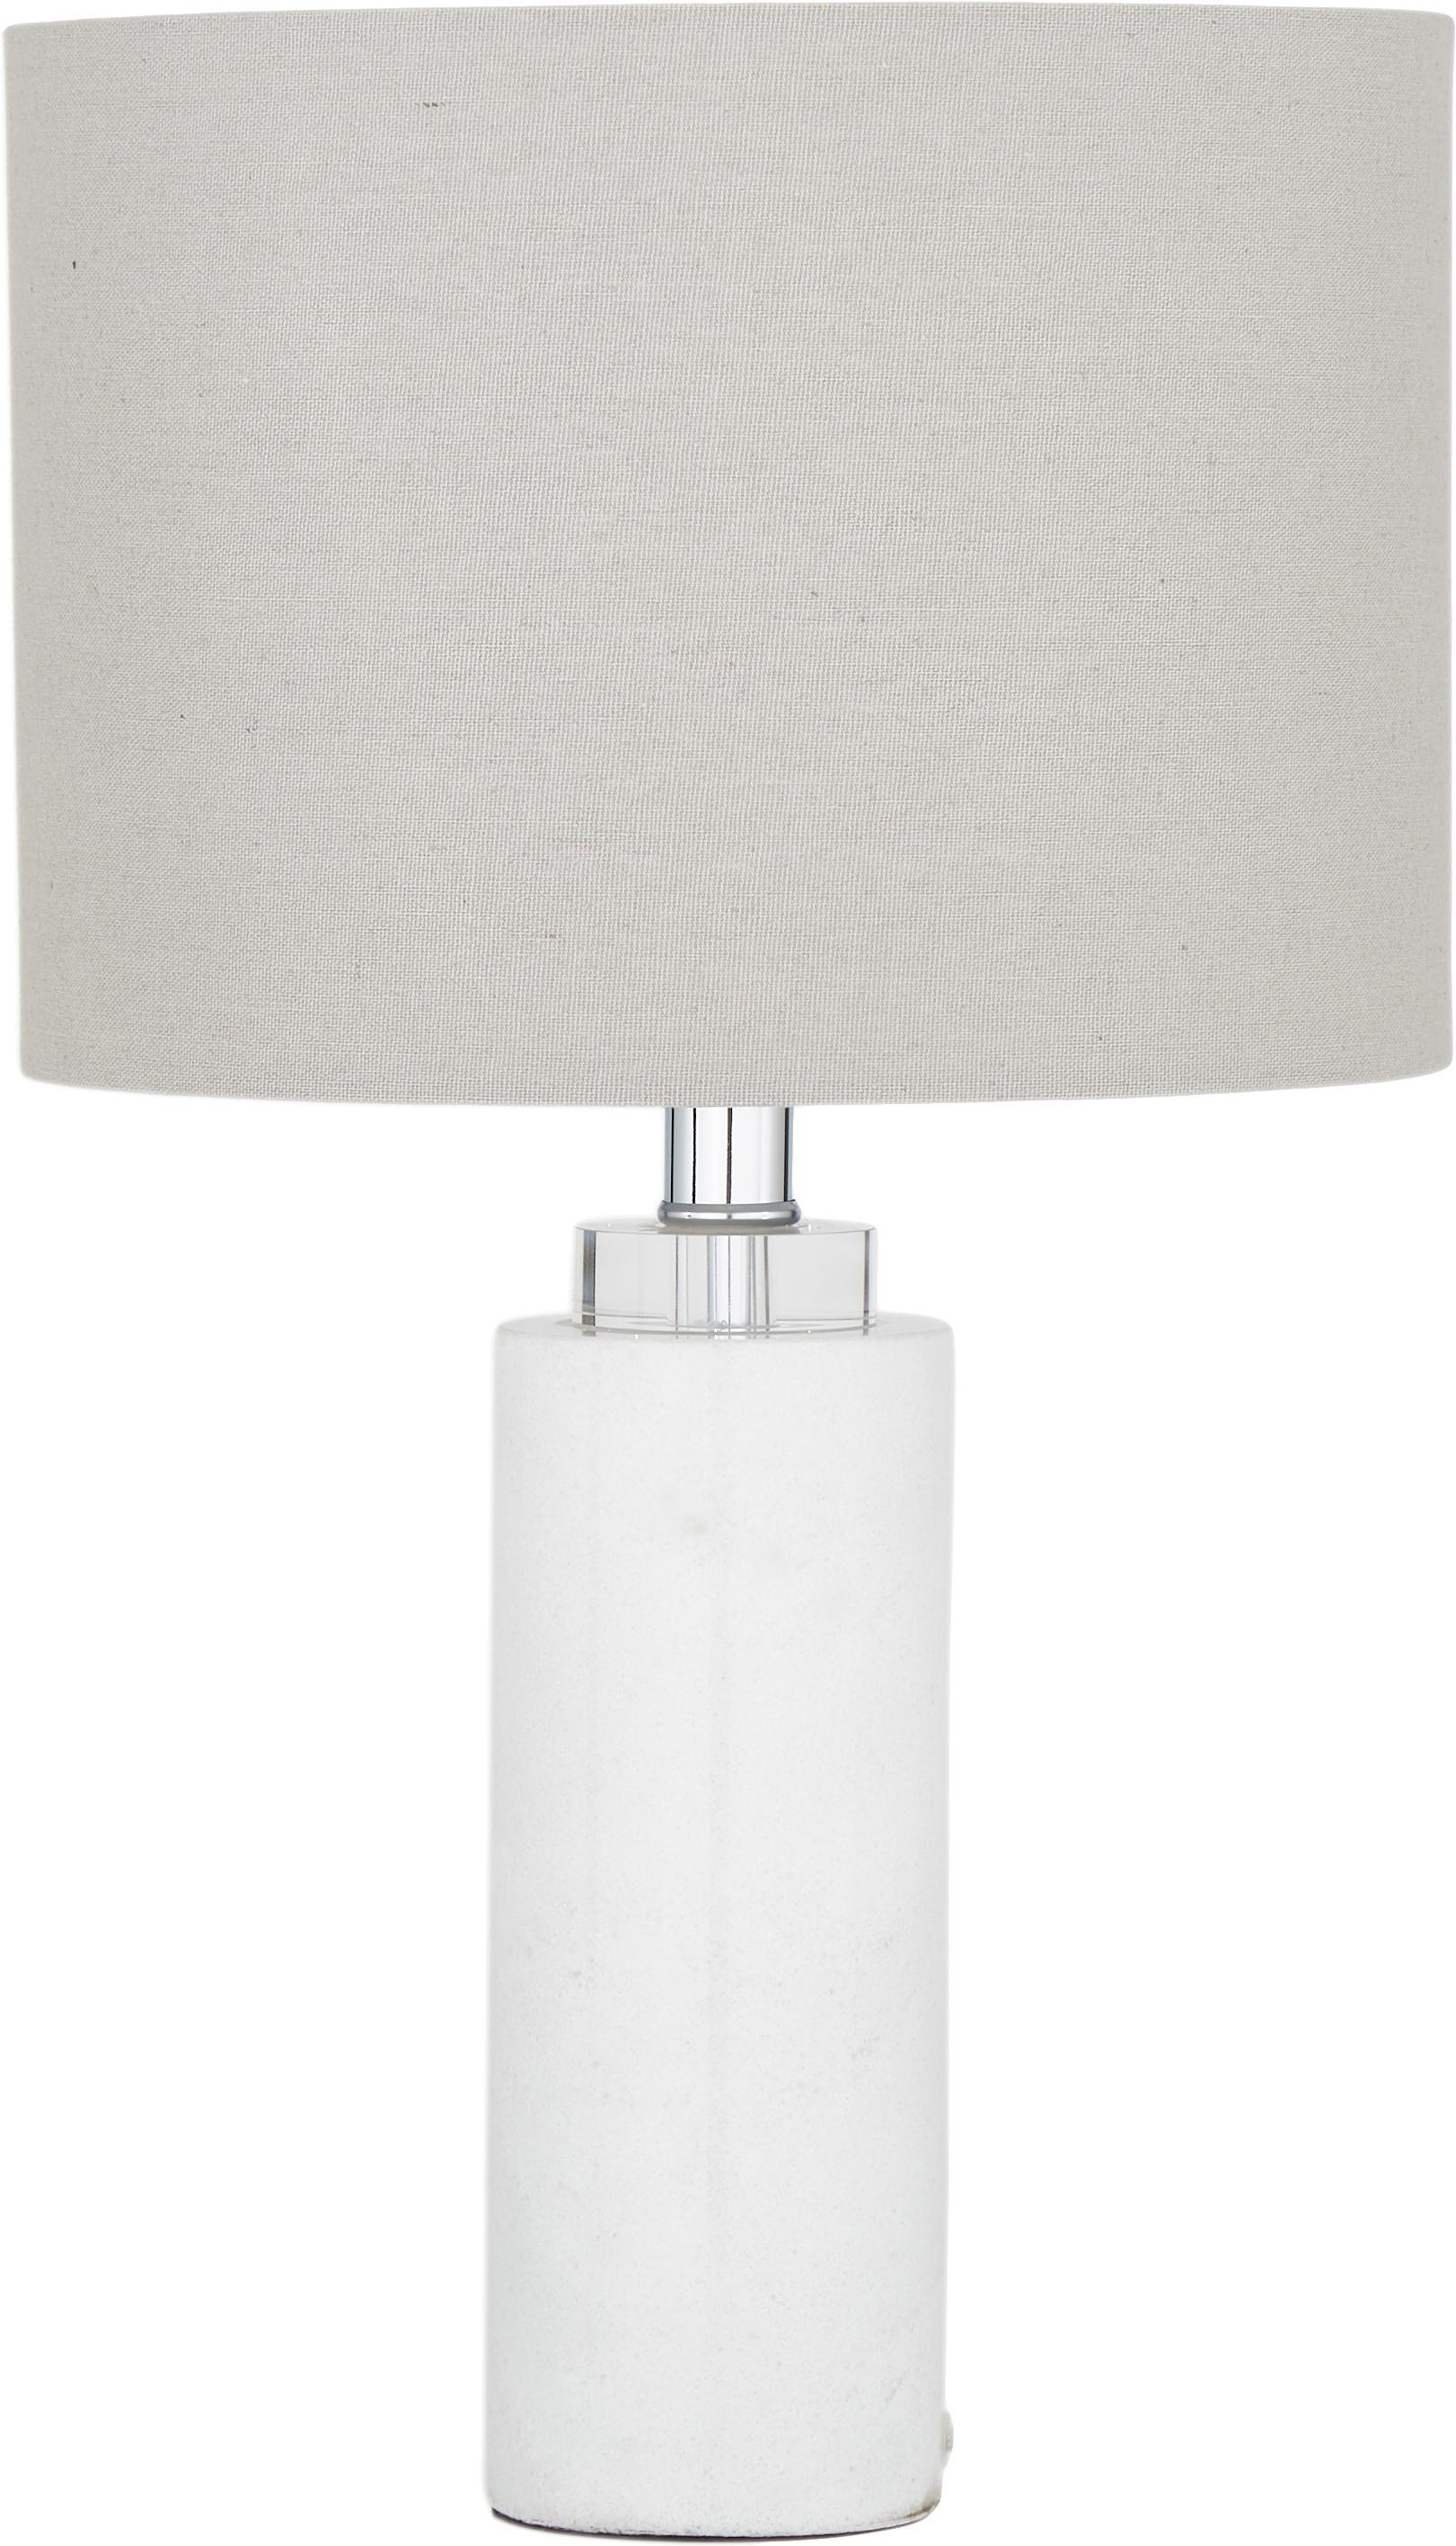 Klassische Tischlampe Amanda mit Marmorfuss, Lampenschirm: Textil, Weiss, Ø 28 x H 48 cm